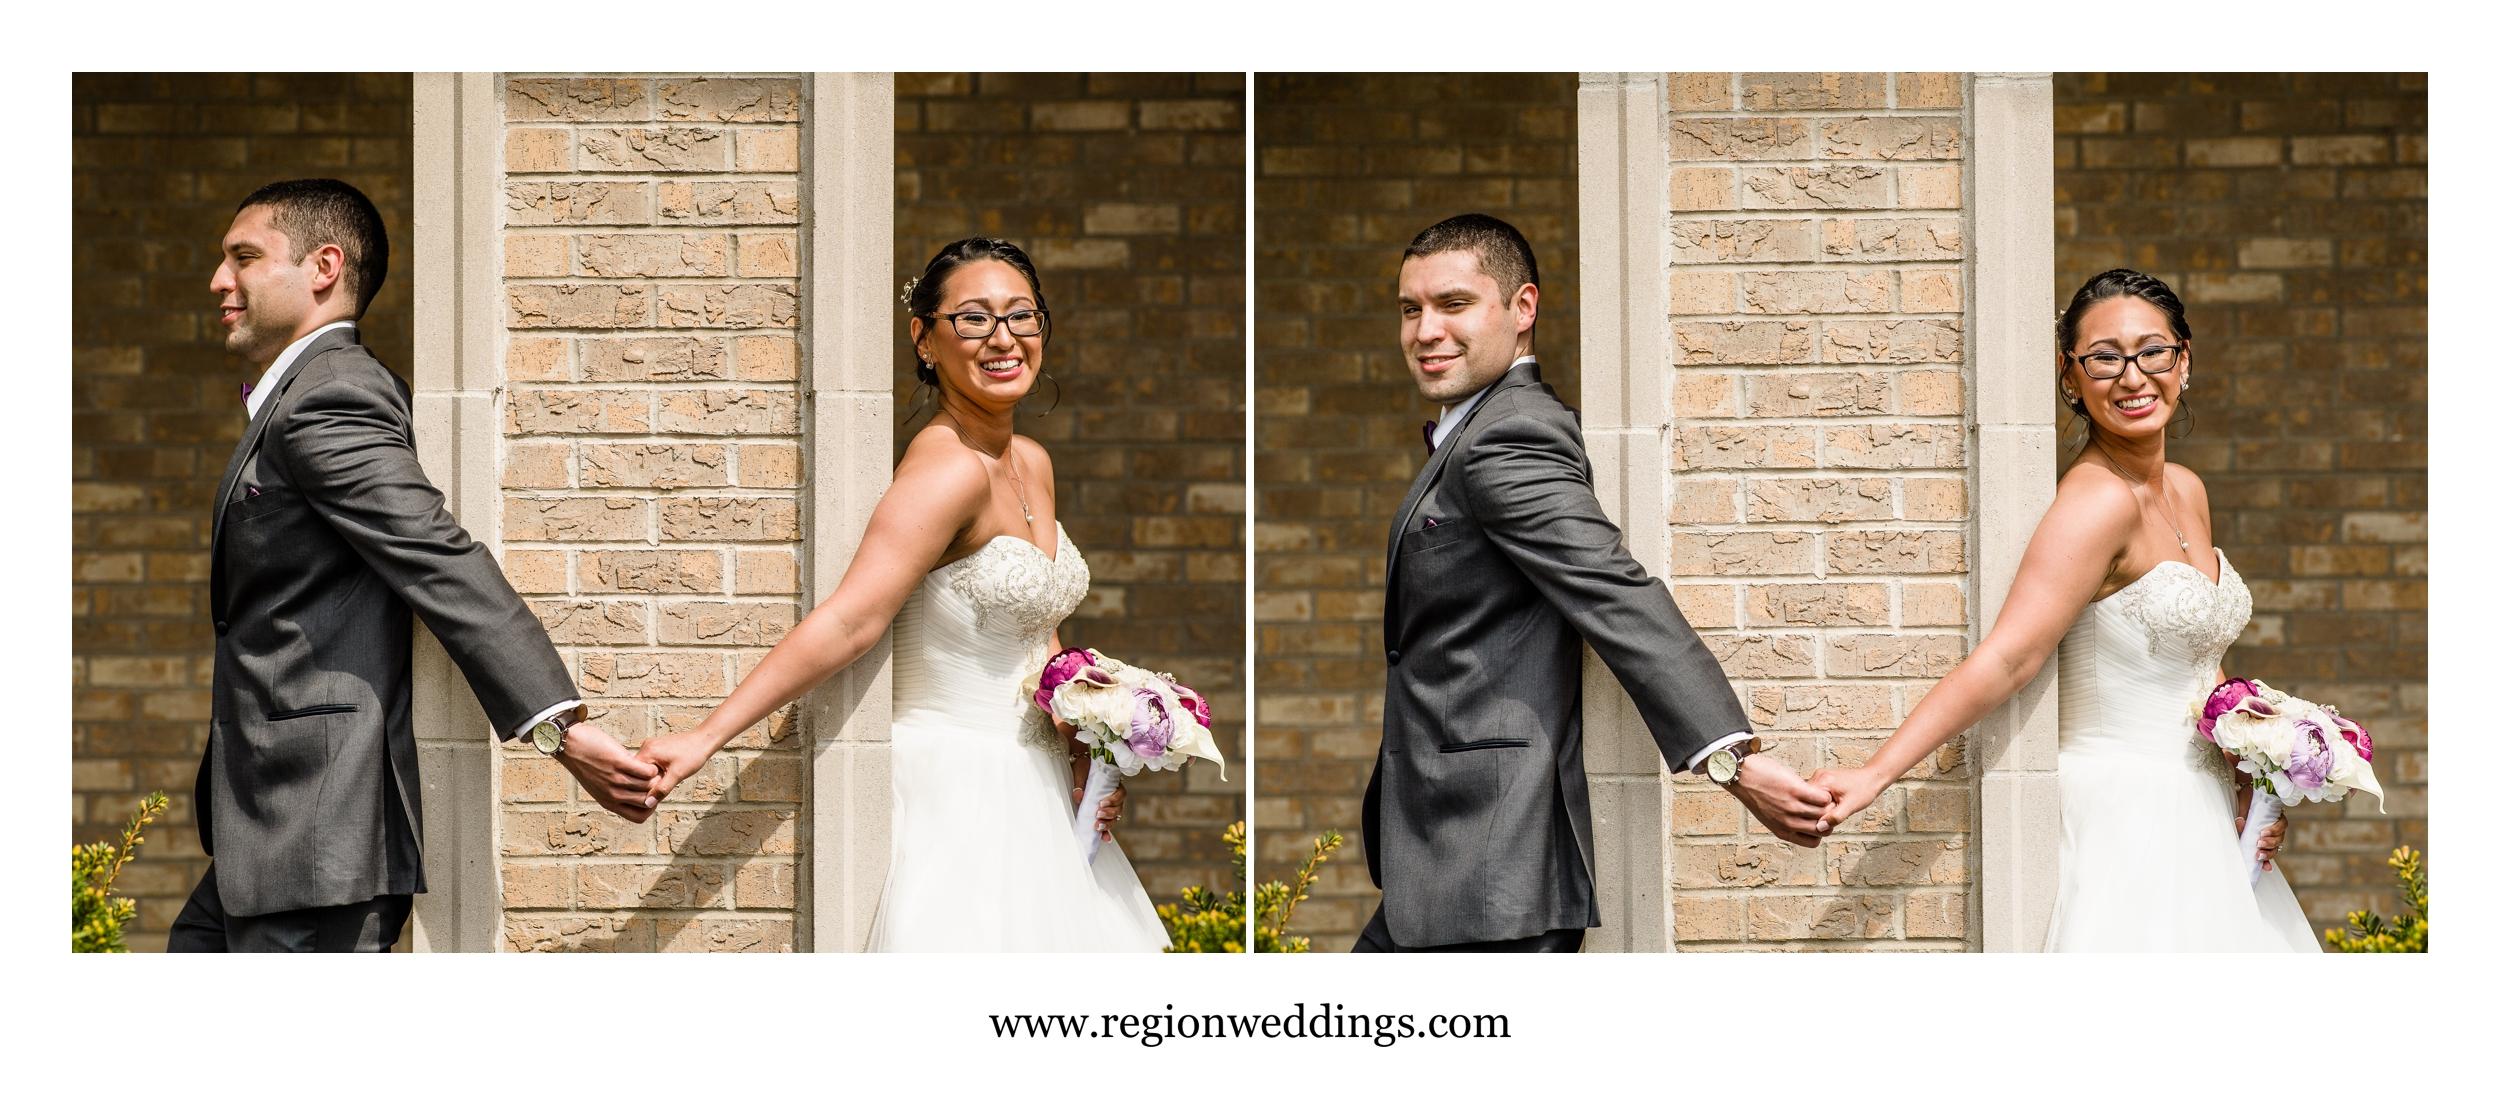 Bride and groom take e a peek-a-boo photo before getting married.